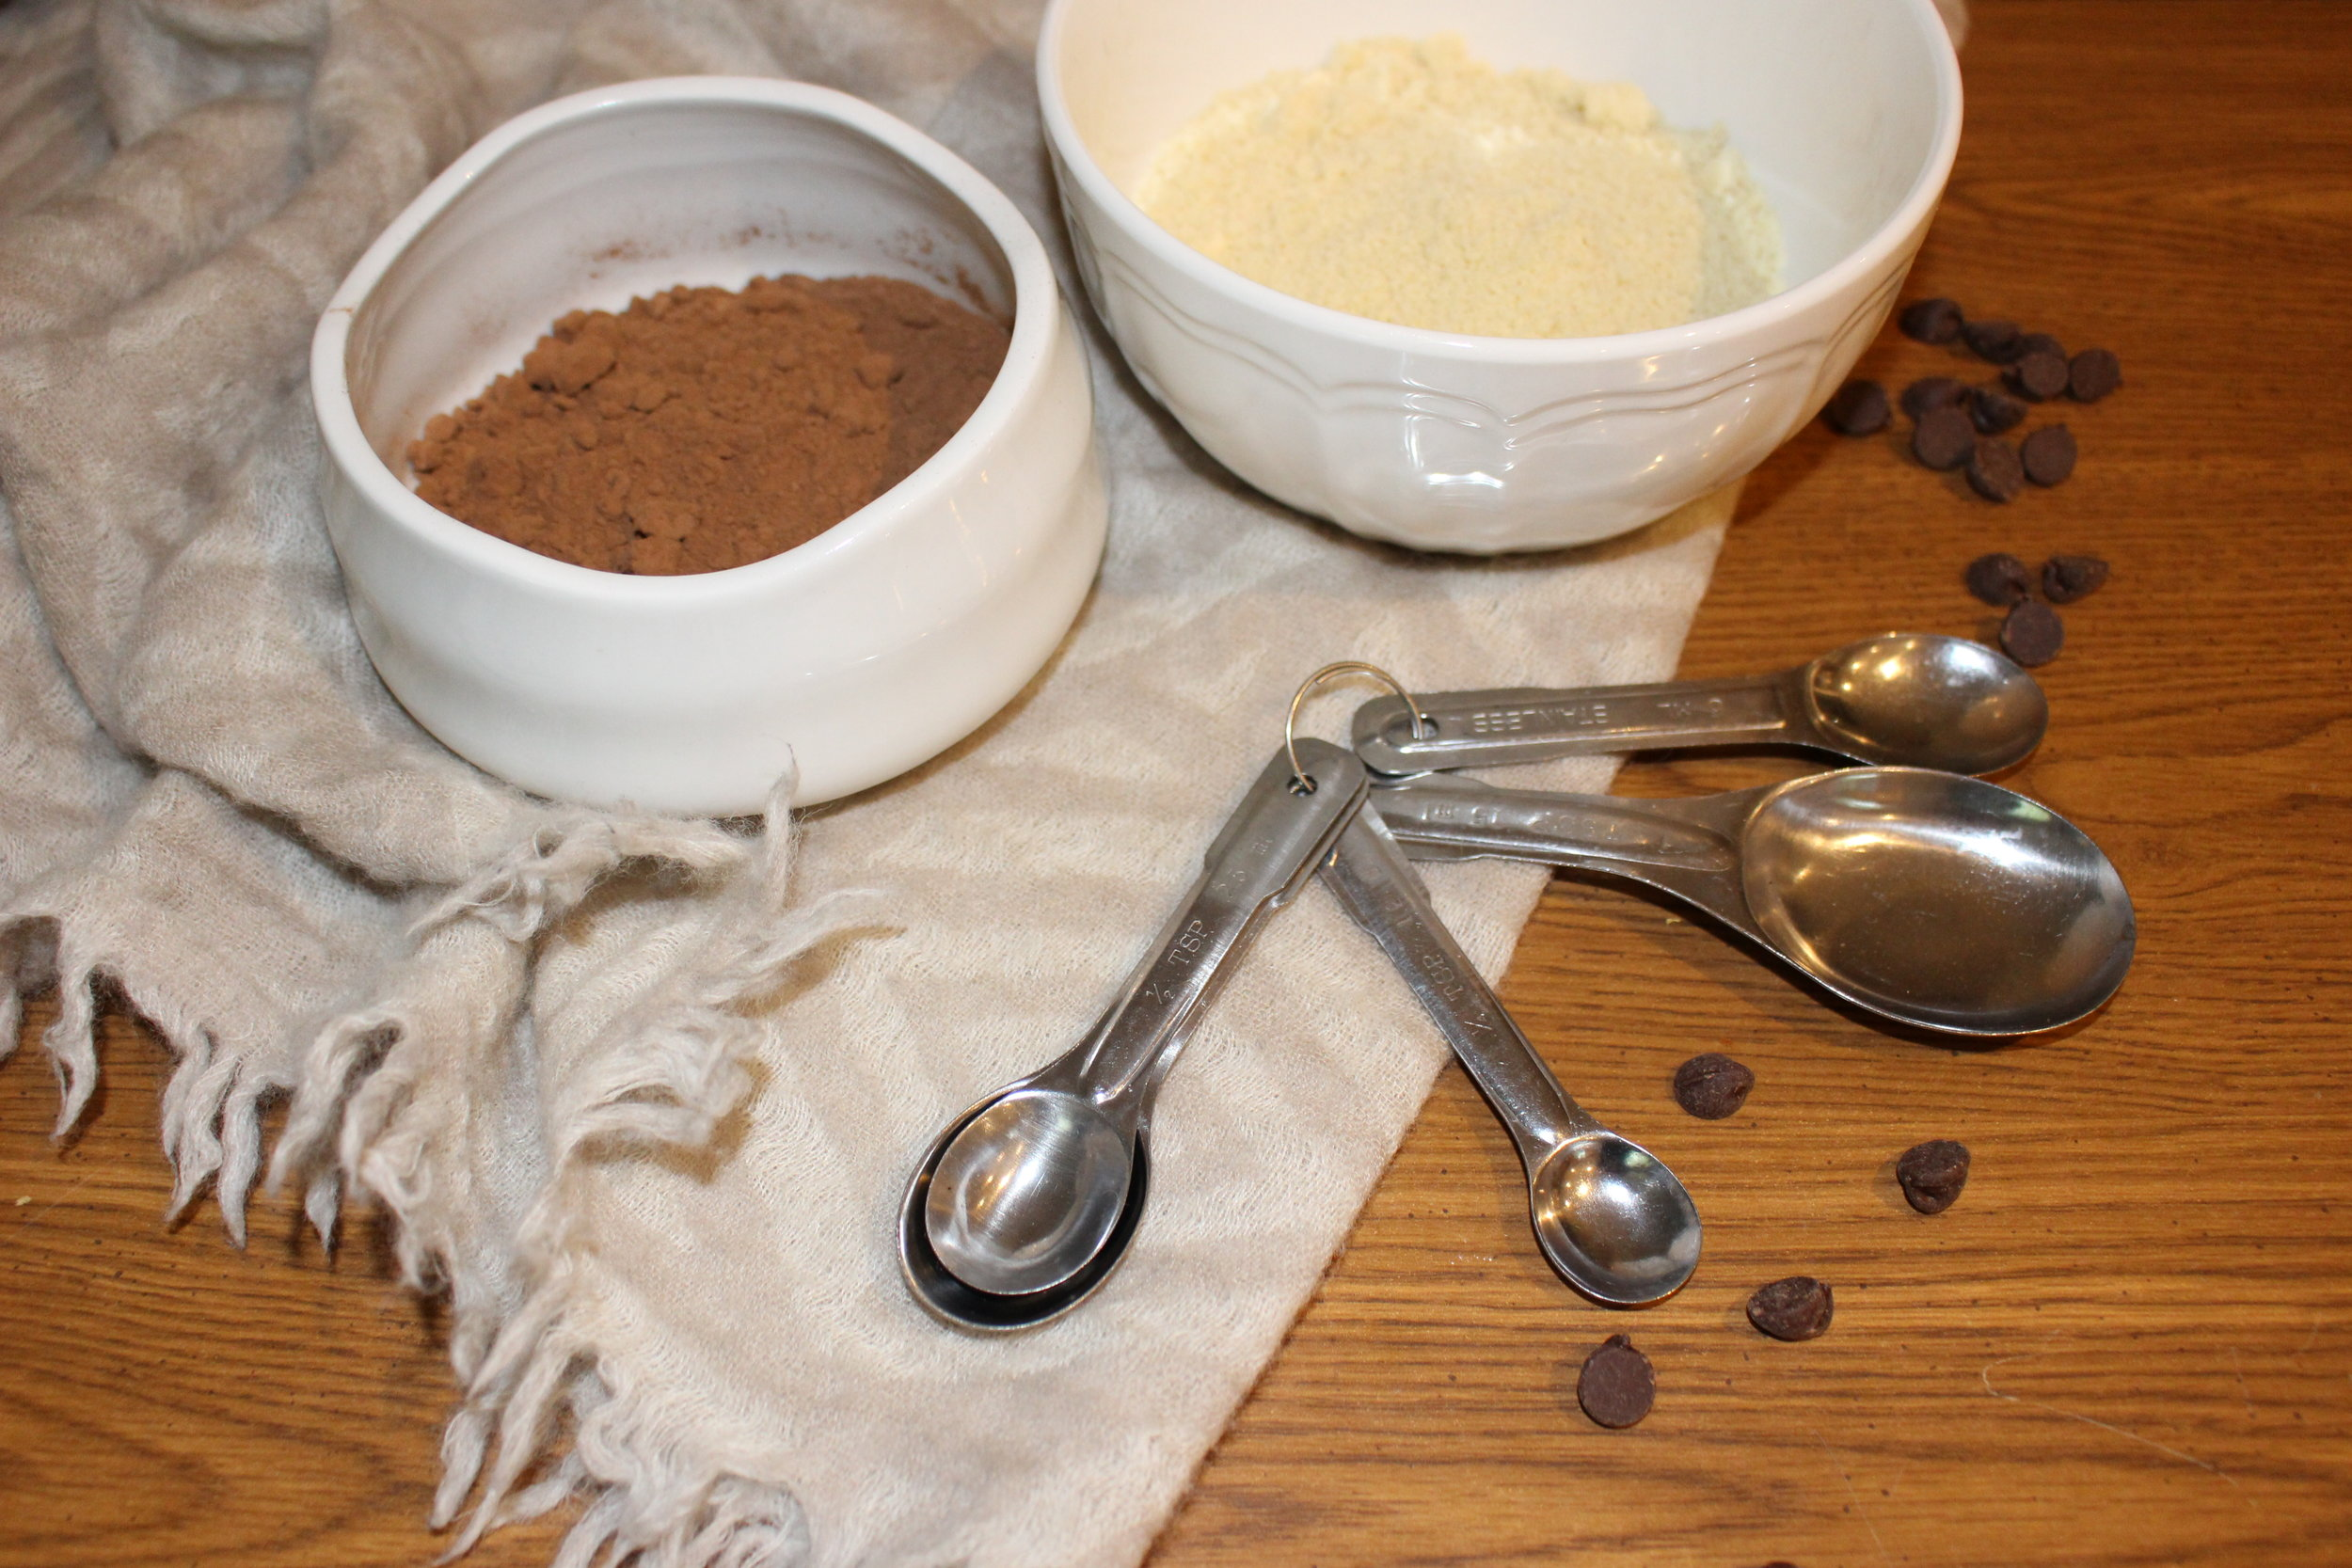 Almond flour & cocoa